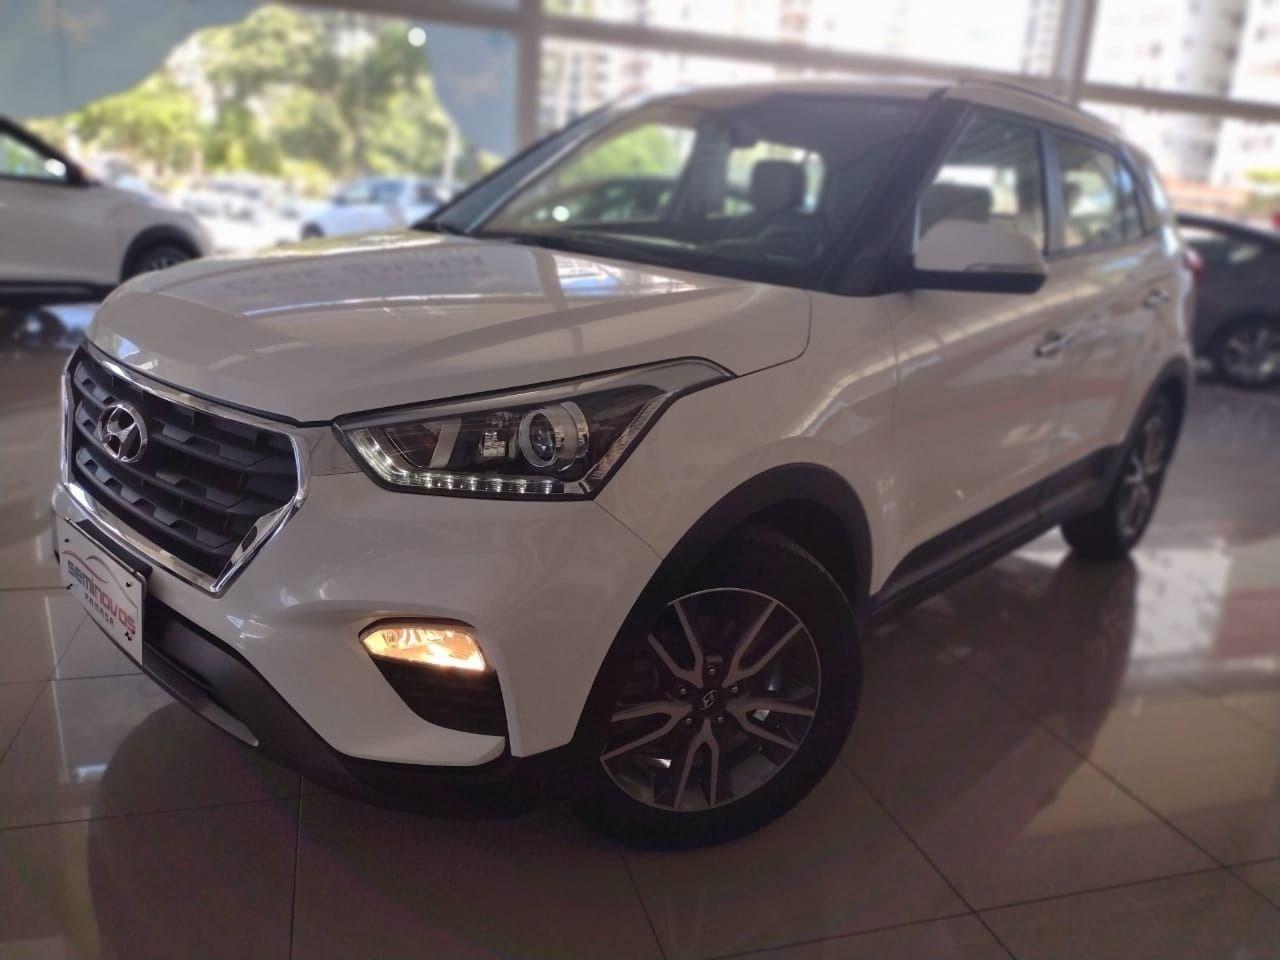 //www.autoline.com.br/carro/hyundai/creta-20-prestige-16v-flex-4p-automatico/2017/goiania-go/14662030